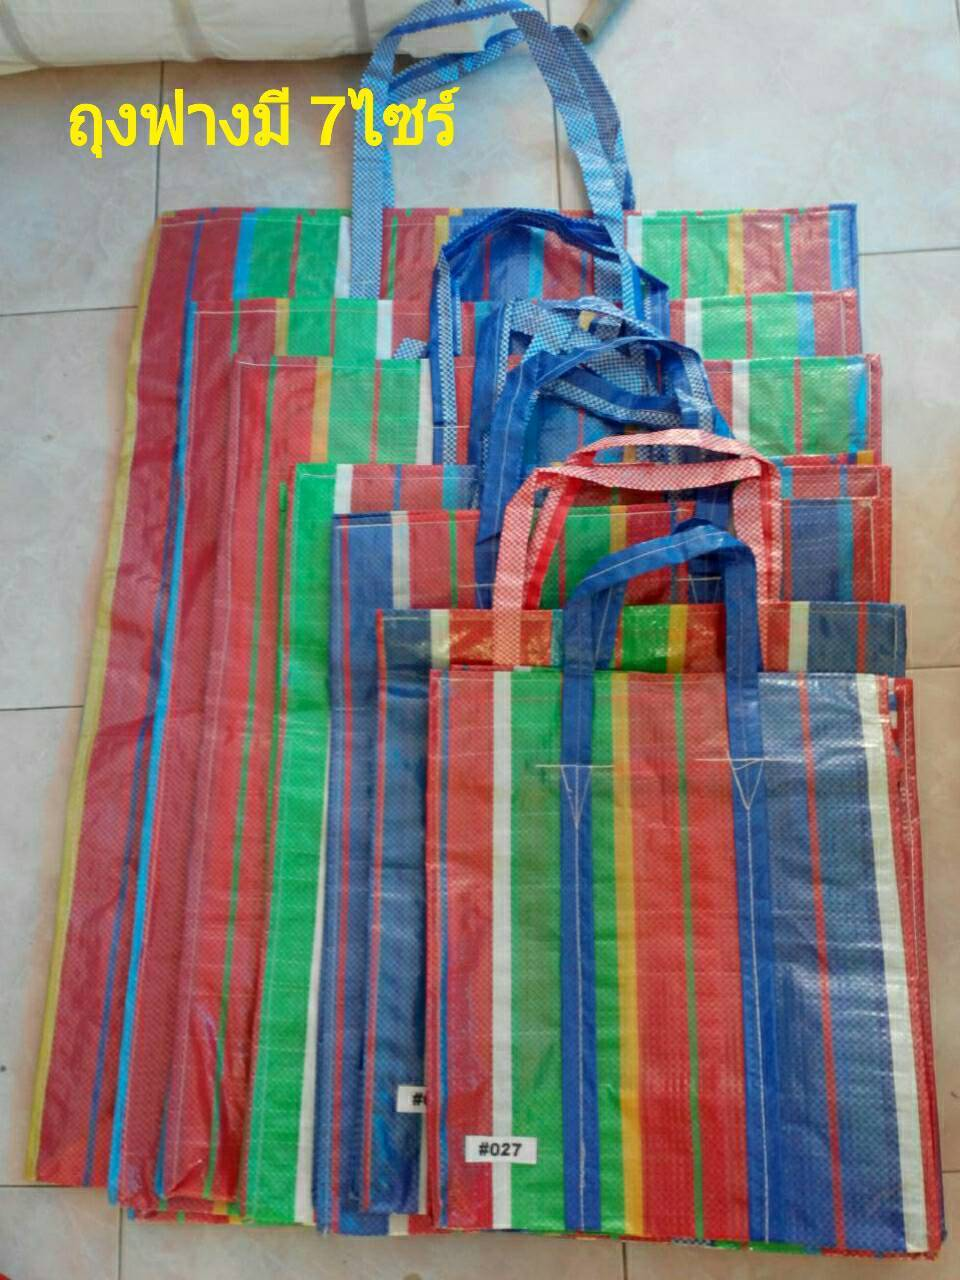 ถุงกระสอบฟาง สายรุ้ง ราคาส่ง มีทุกขนาดJumbo ราคาส่งใบละ 75บาท